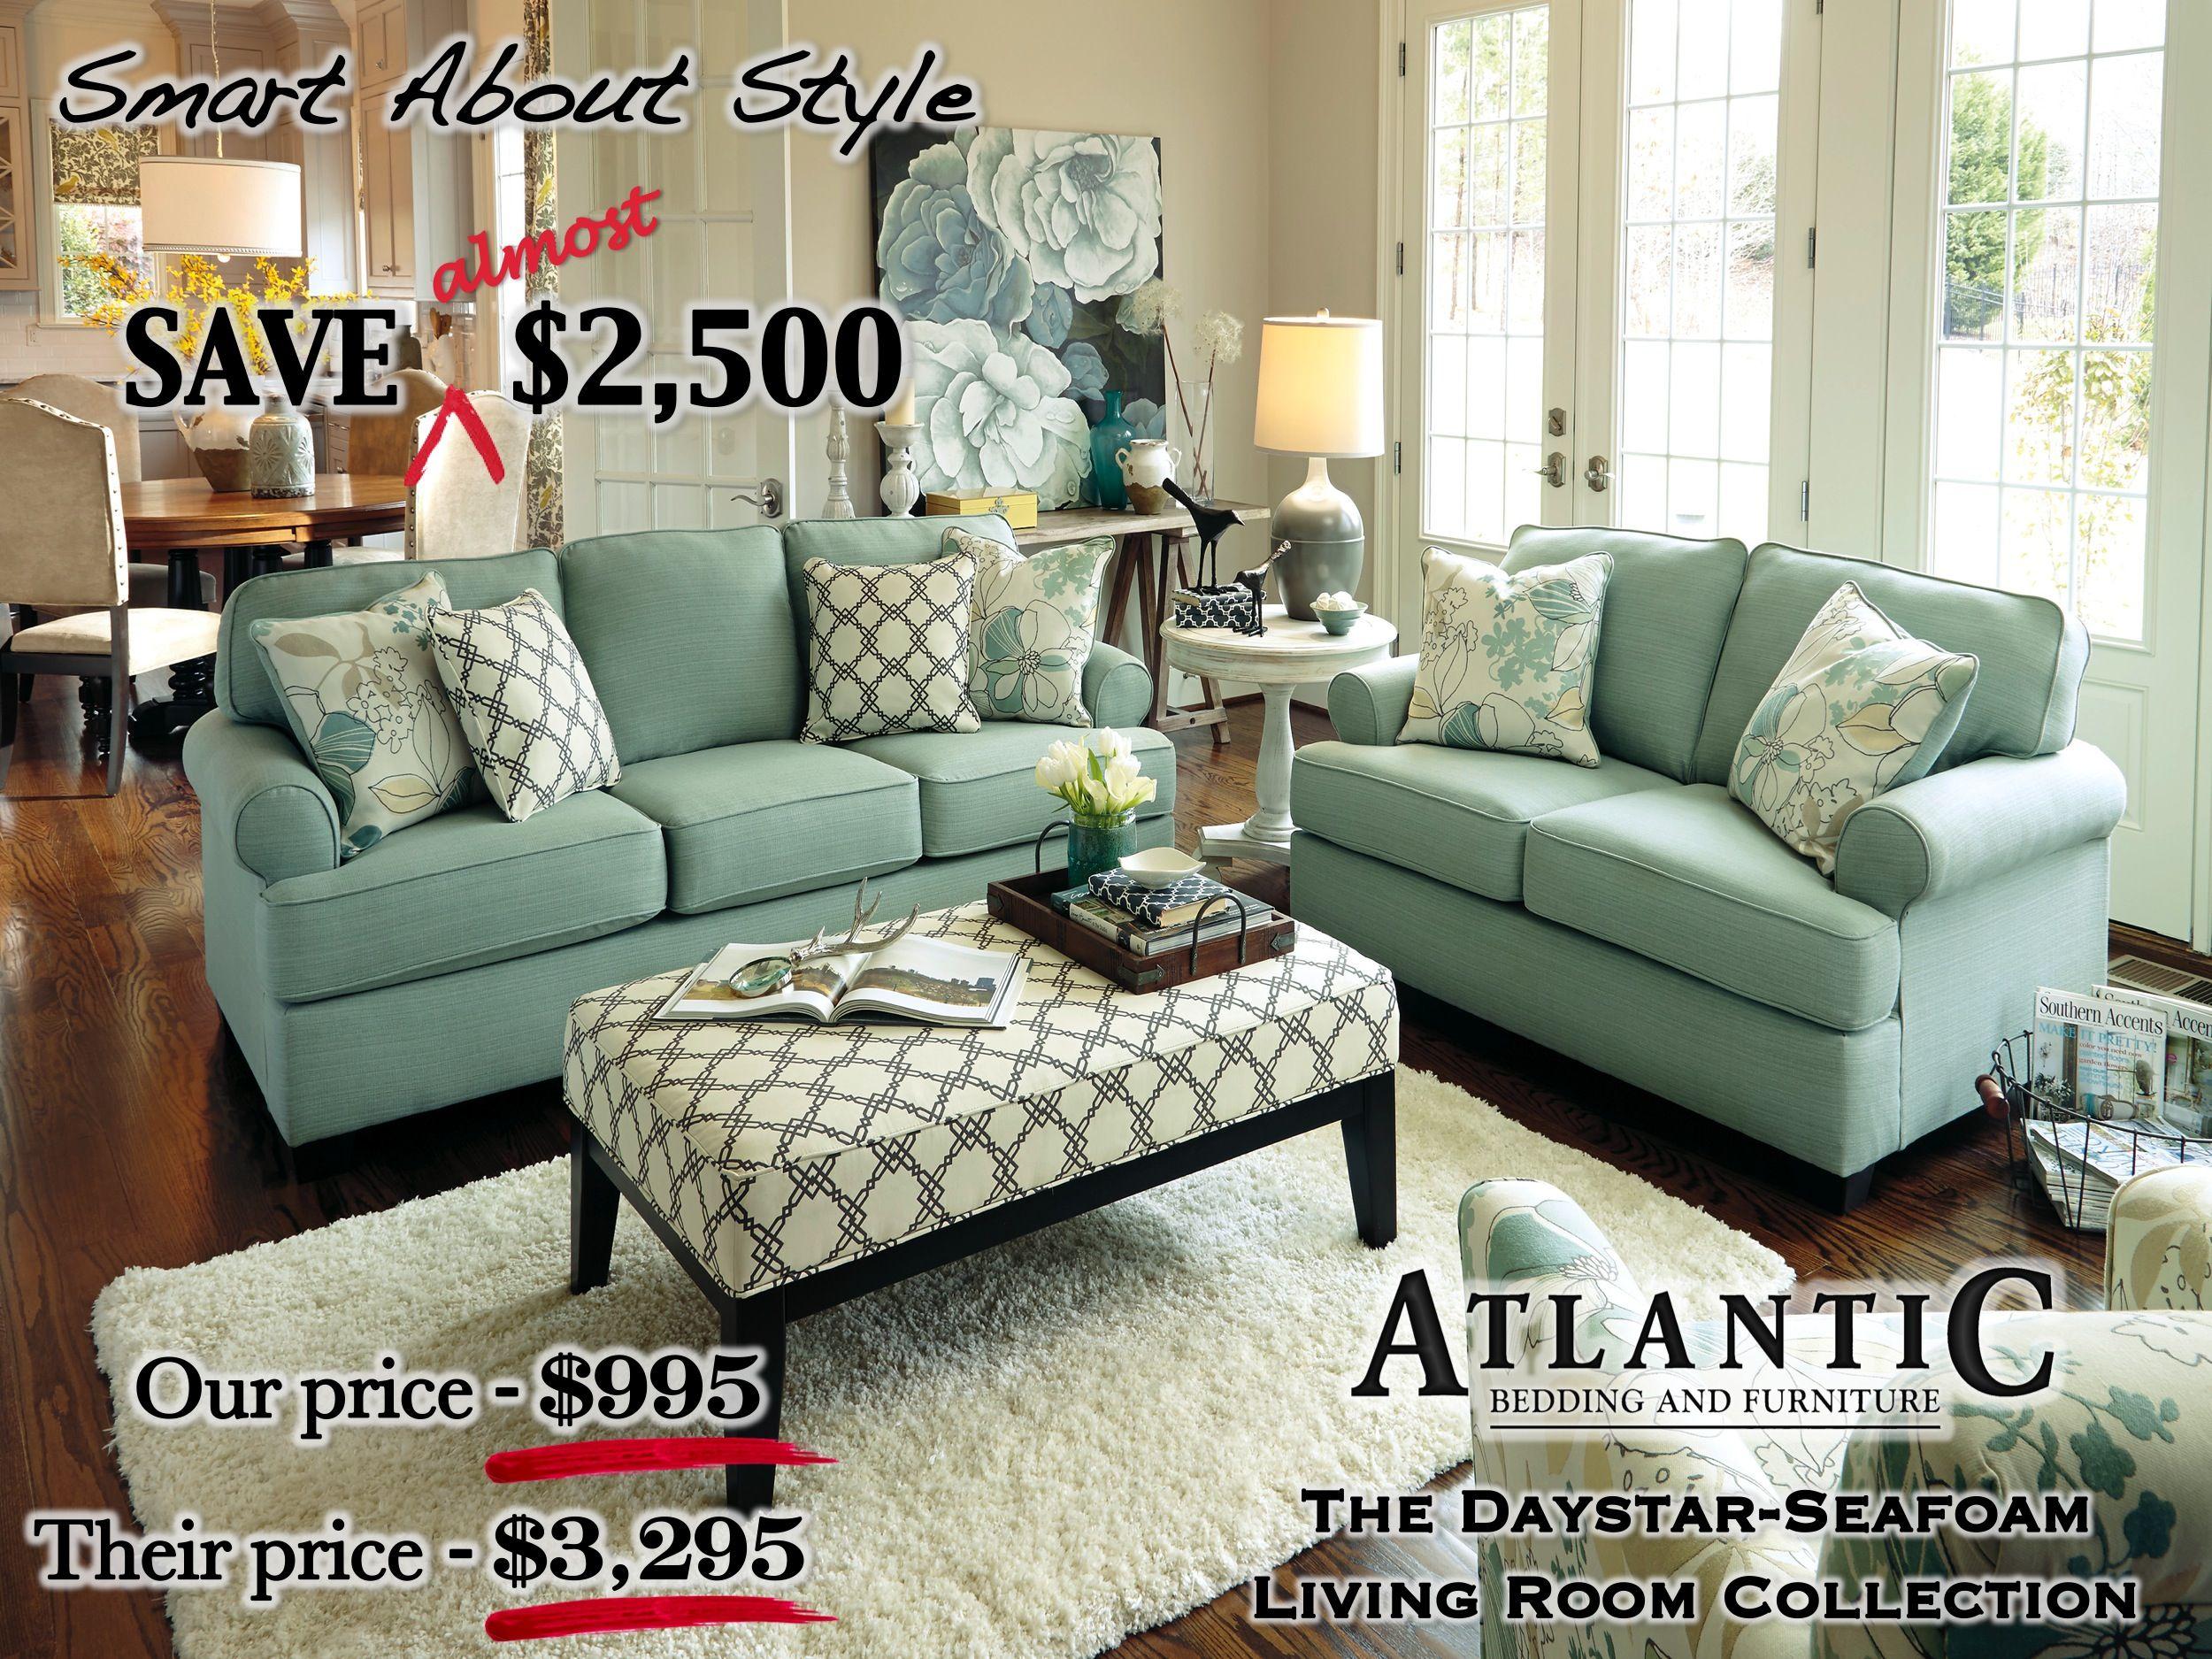 atlantic bedding and furniture marietta www abfmarietta com rh pinterest com